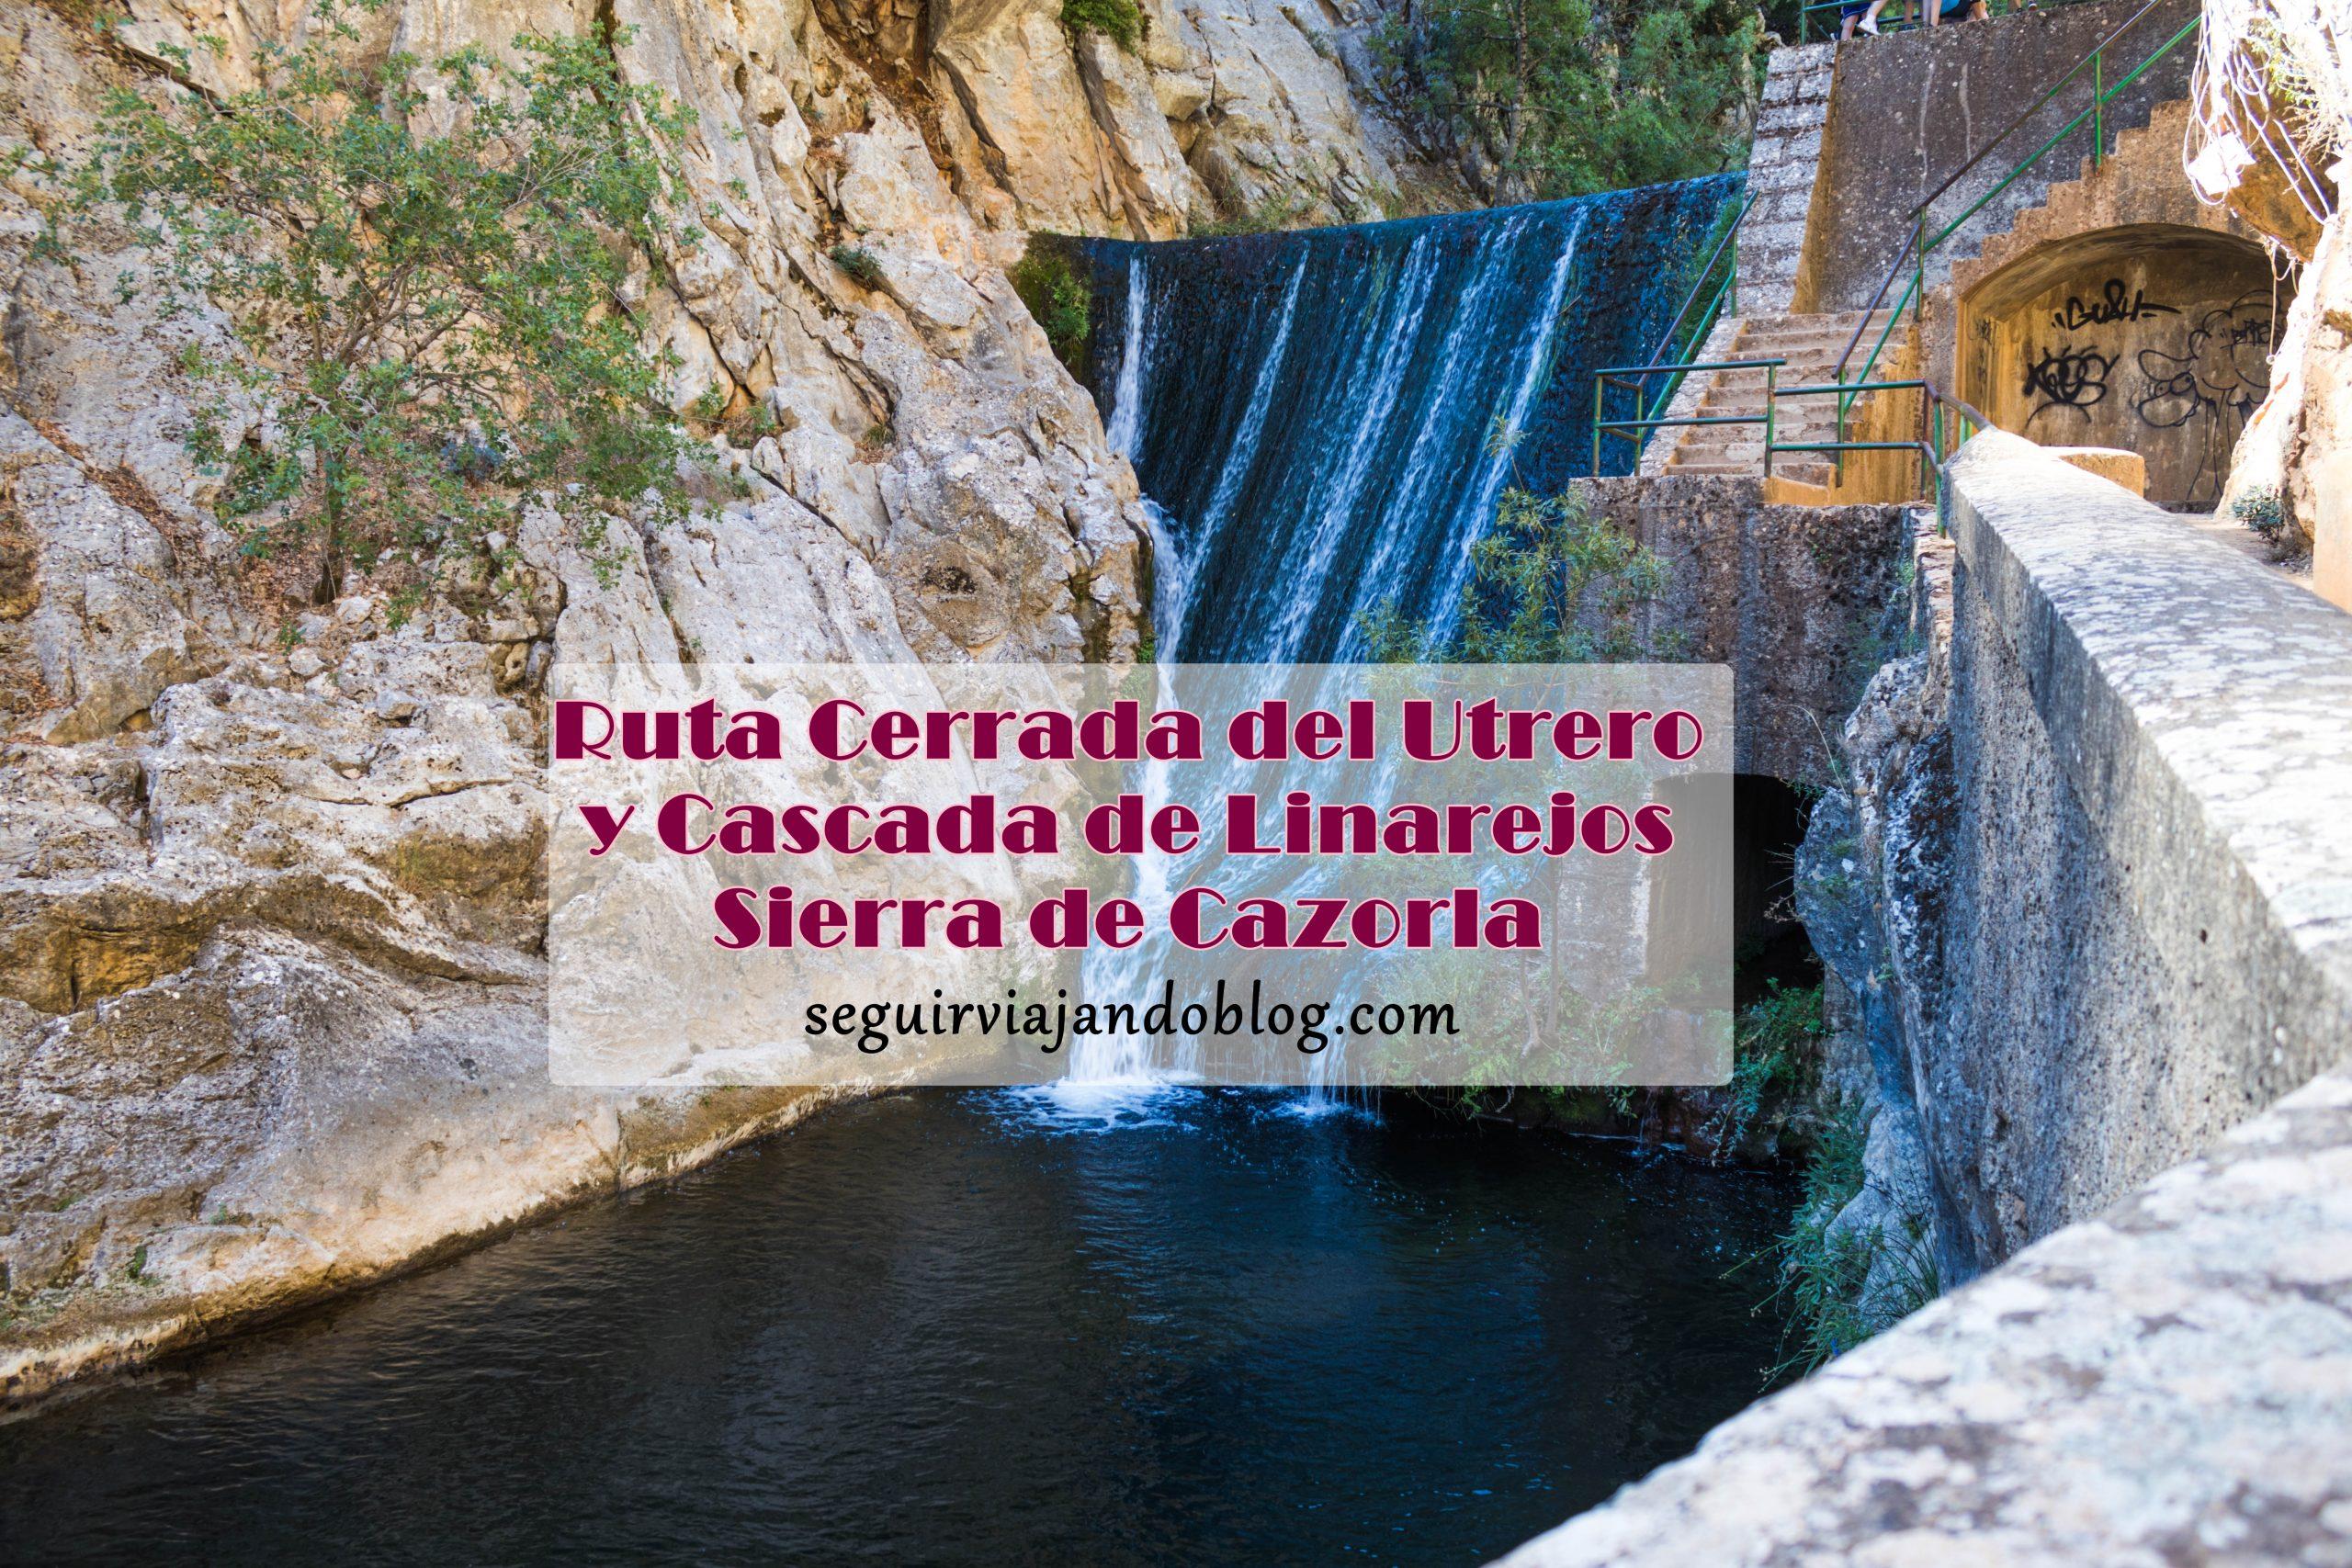 Cerrada del Utrero y Cascada de Linarejos - Seguir Viajando